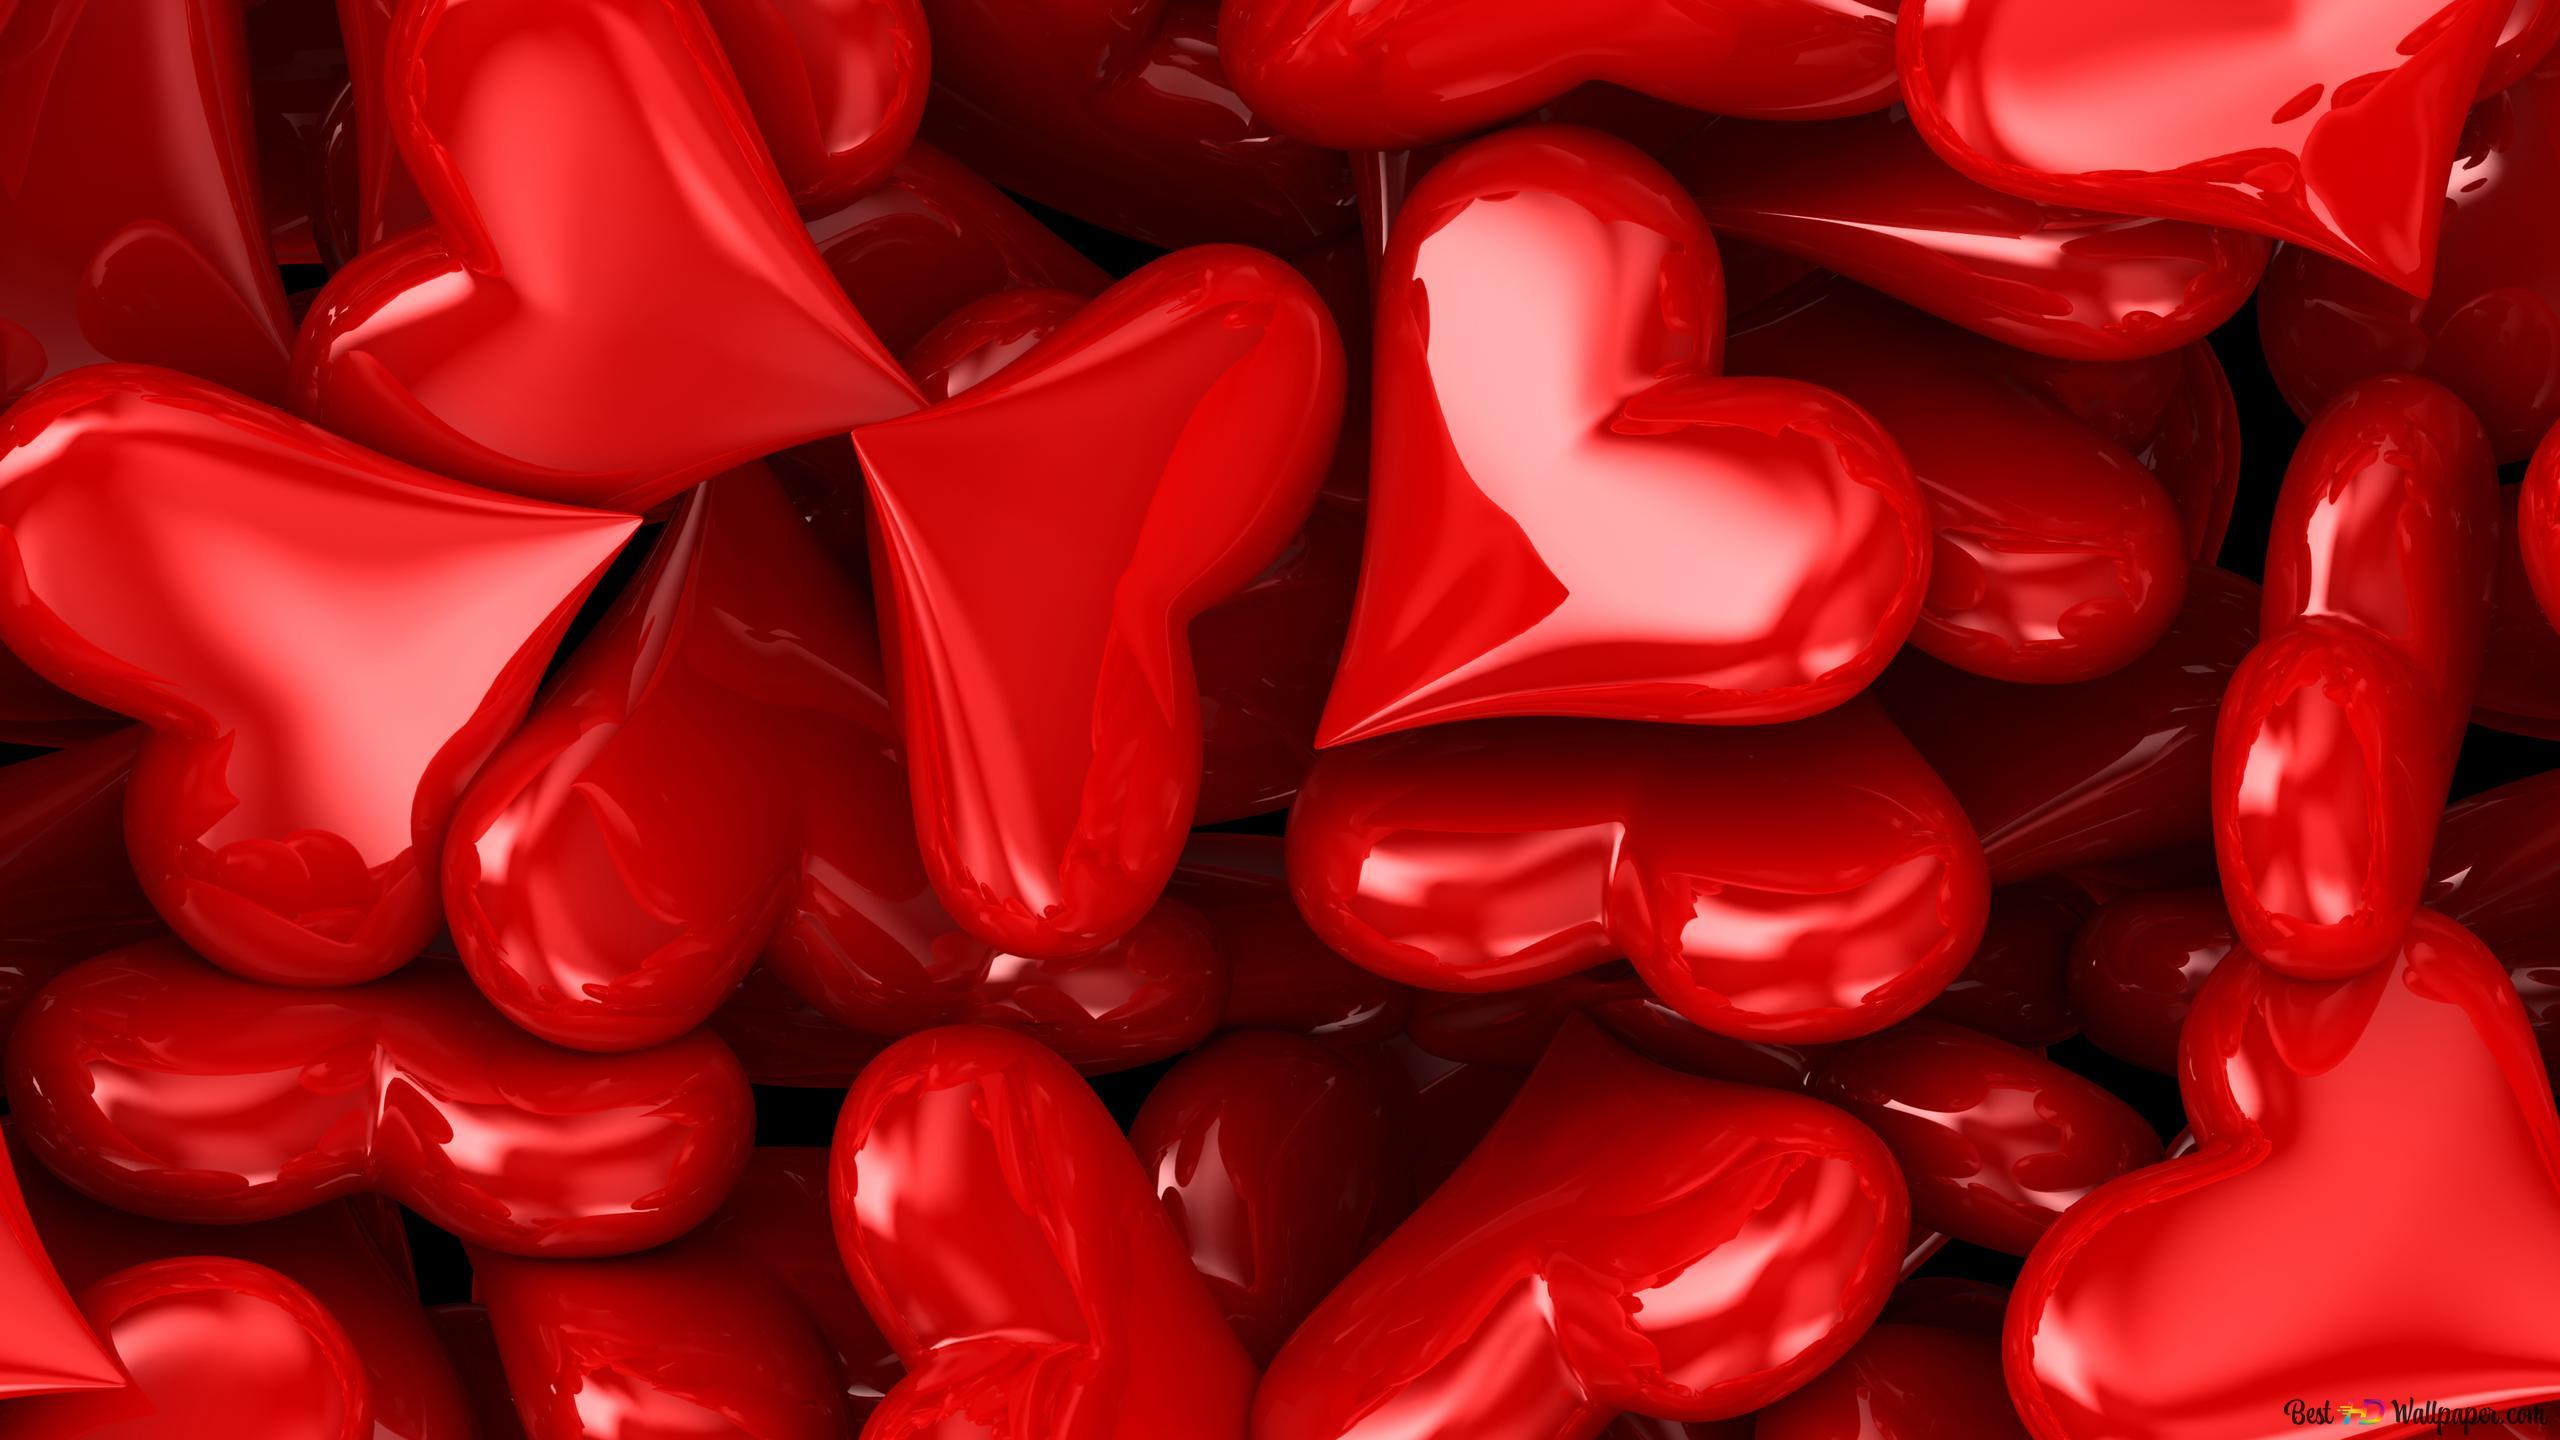 Saint Valentin Bonbons Coeurs Rouges Artistiques Hd Fond D